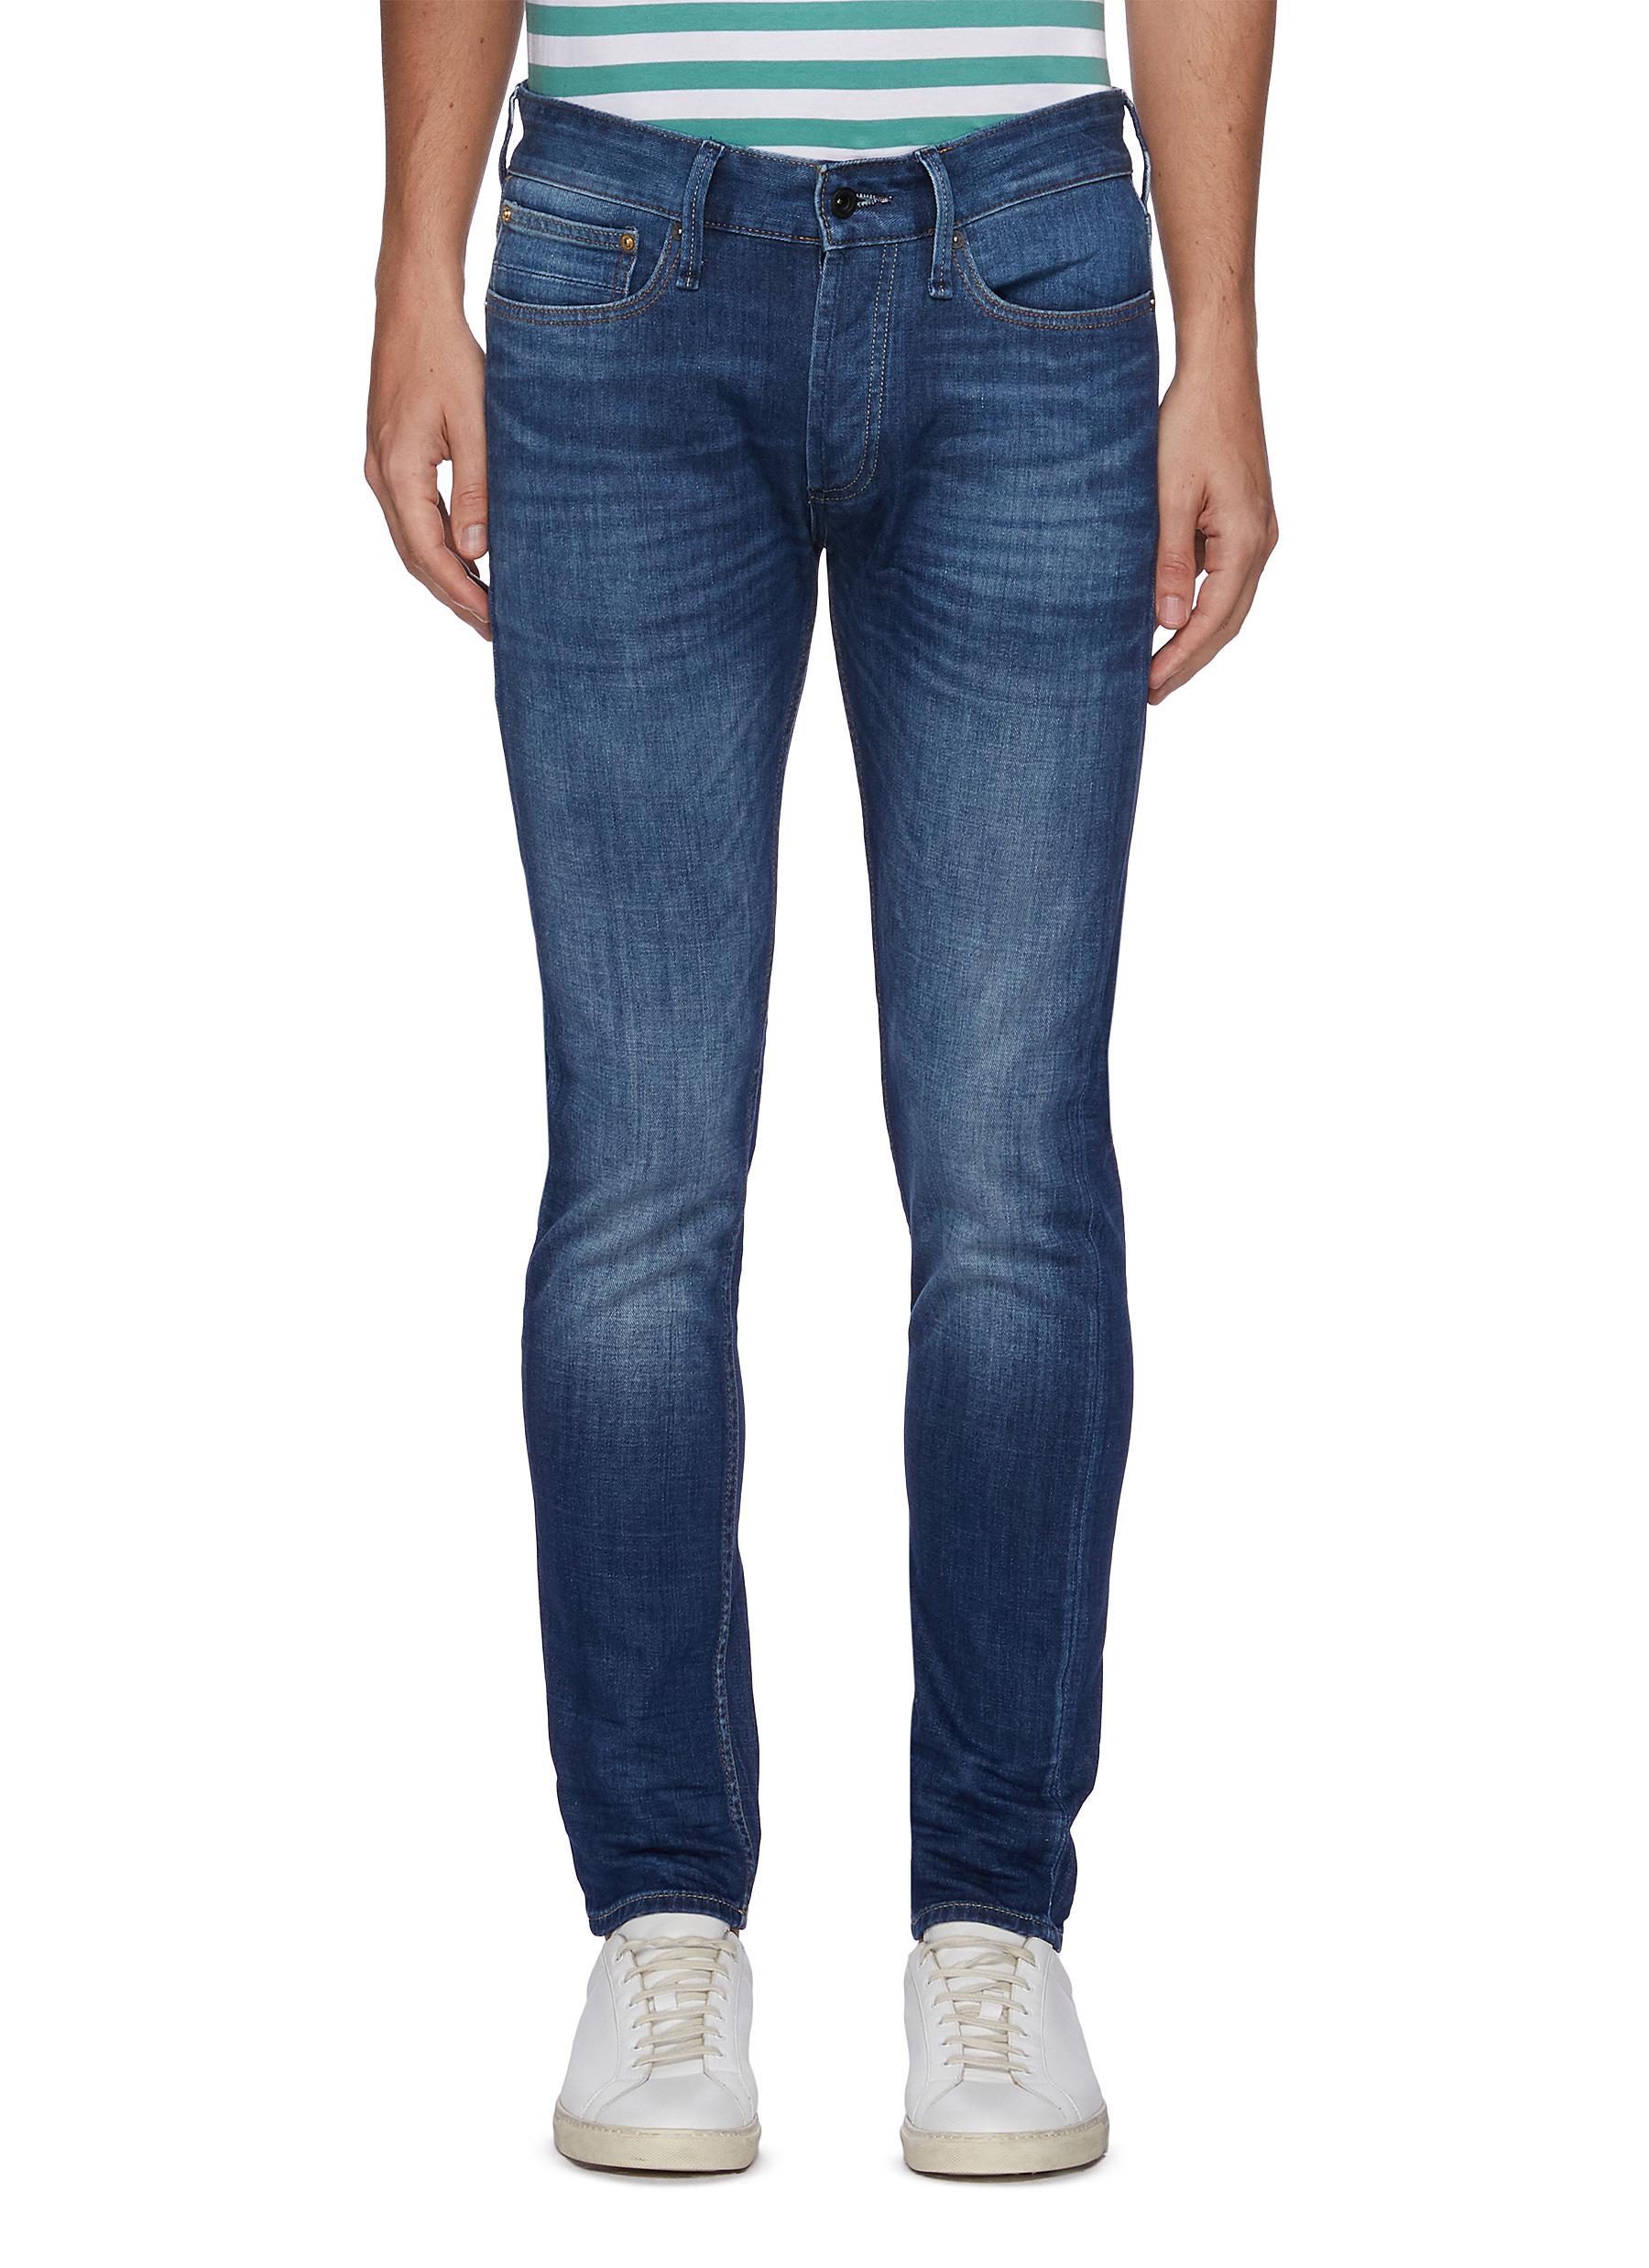 'Noos Bolt' Slim Fit Whiskered Denim Jeans